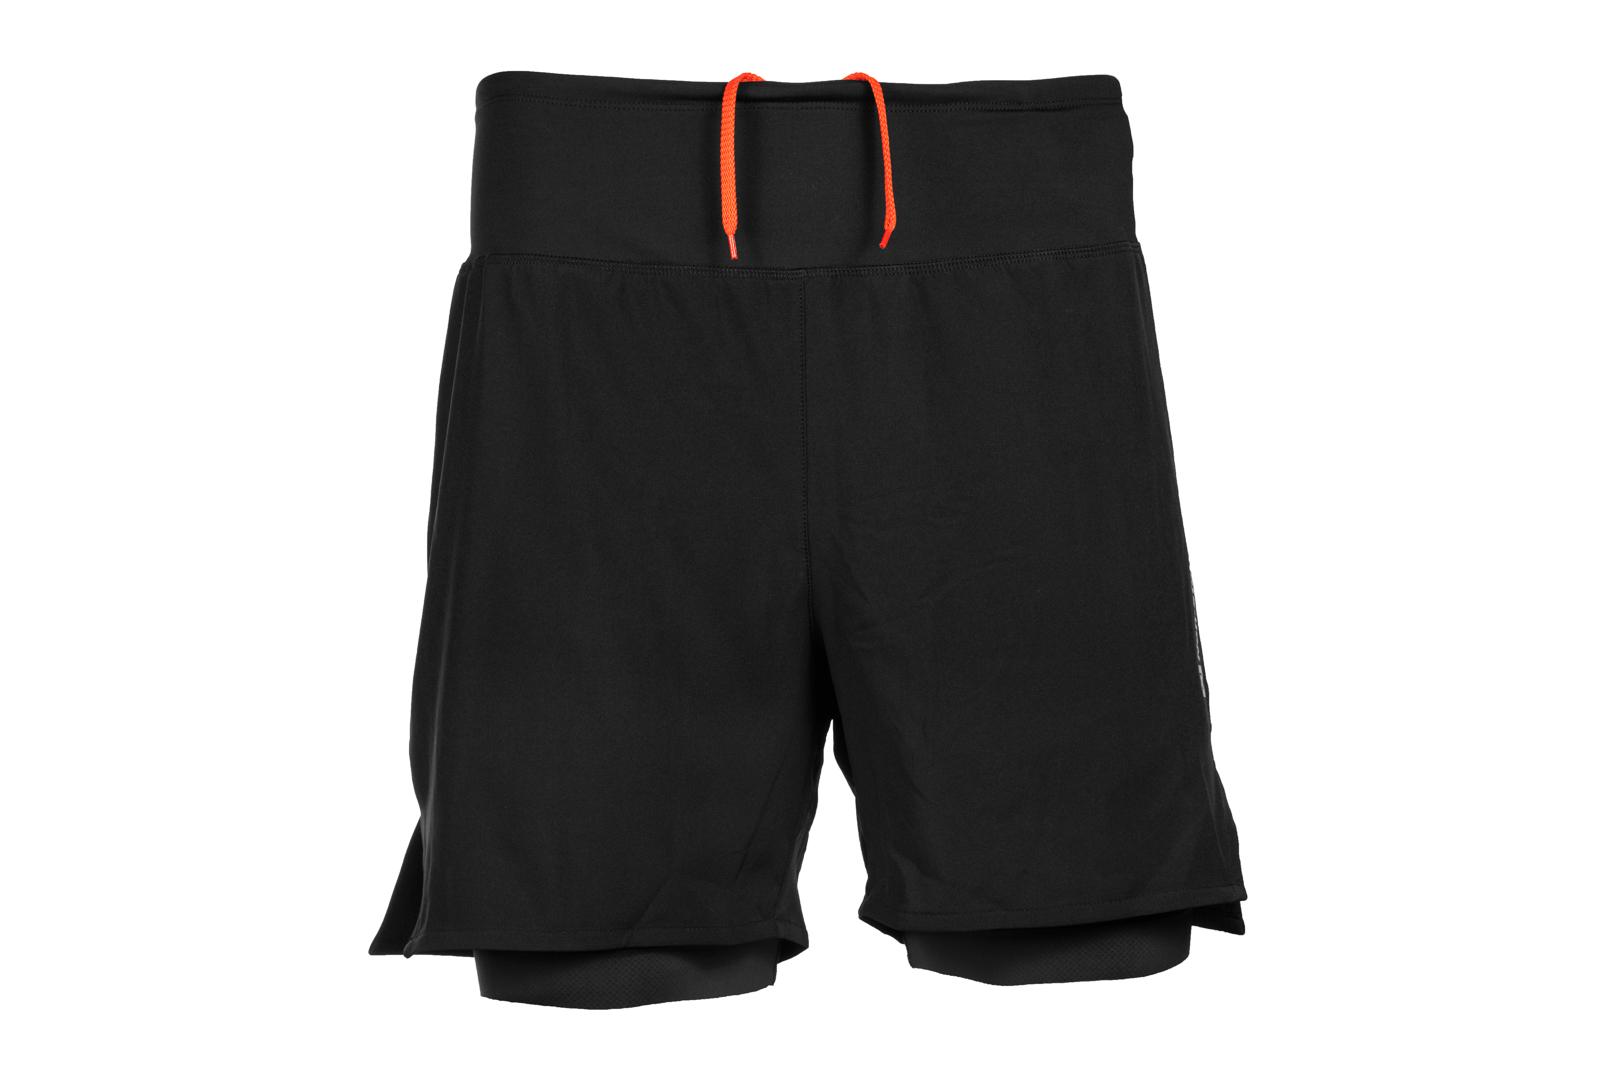 CaniX twin shorts men's